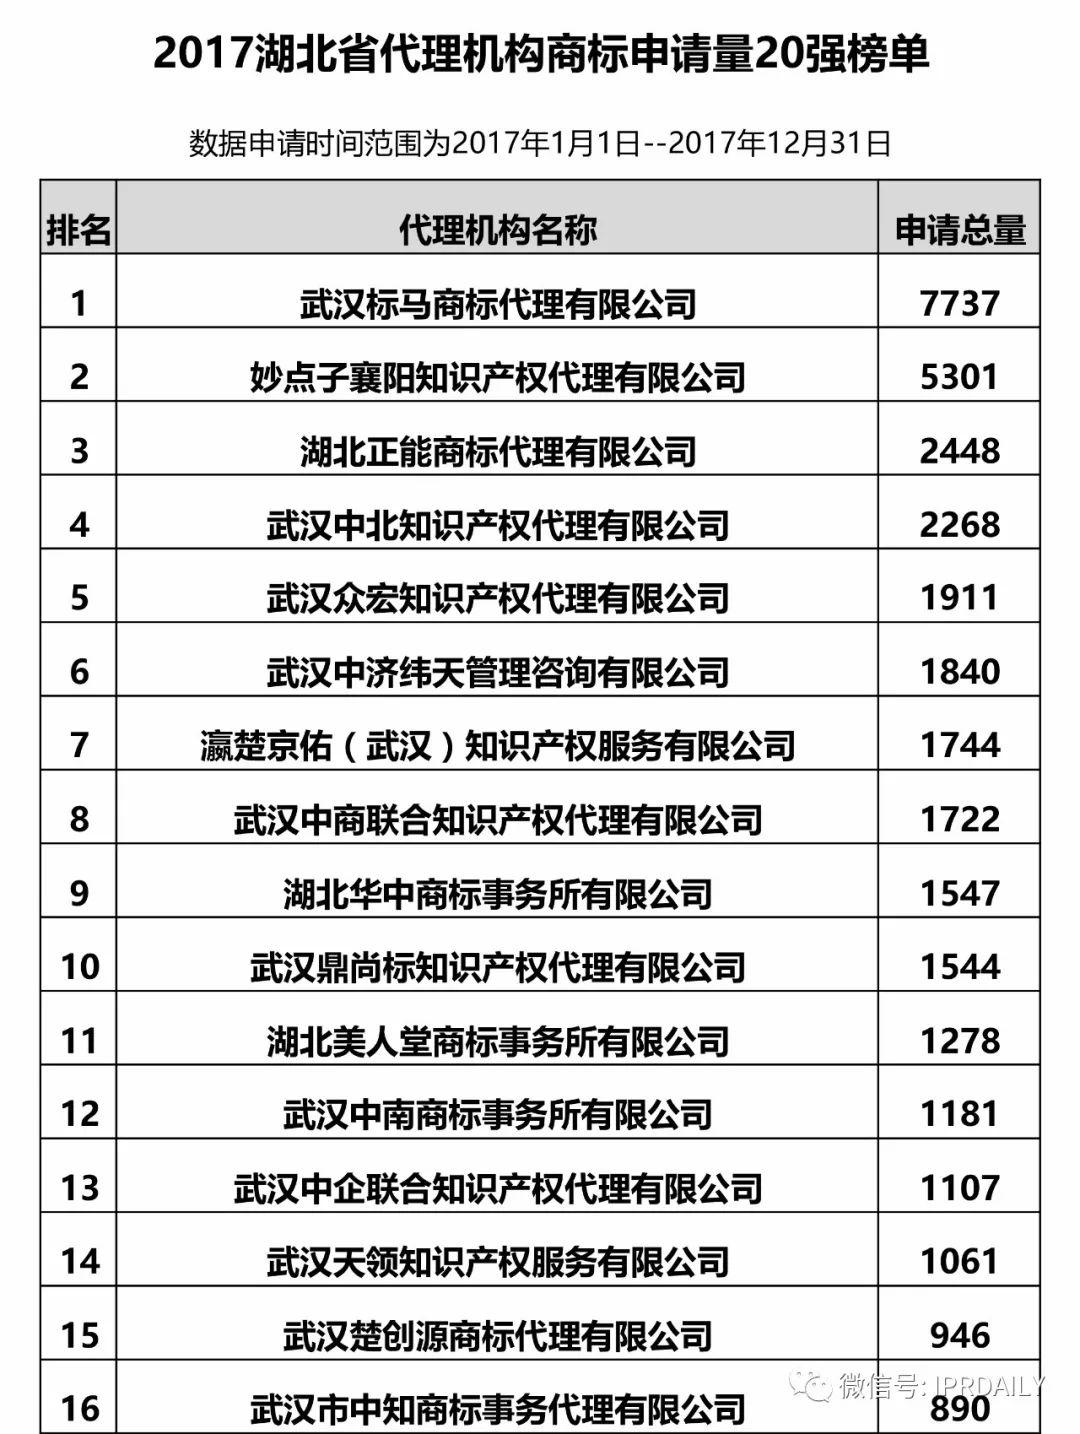 2017年湖北省代理机构商标申请量排名榜(前20名)